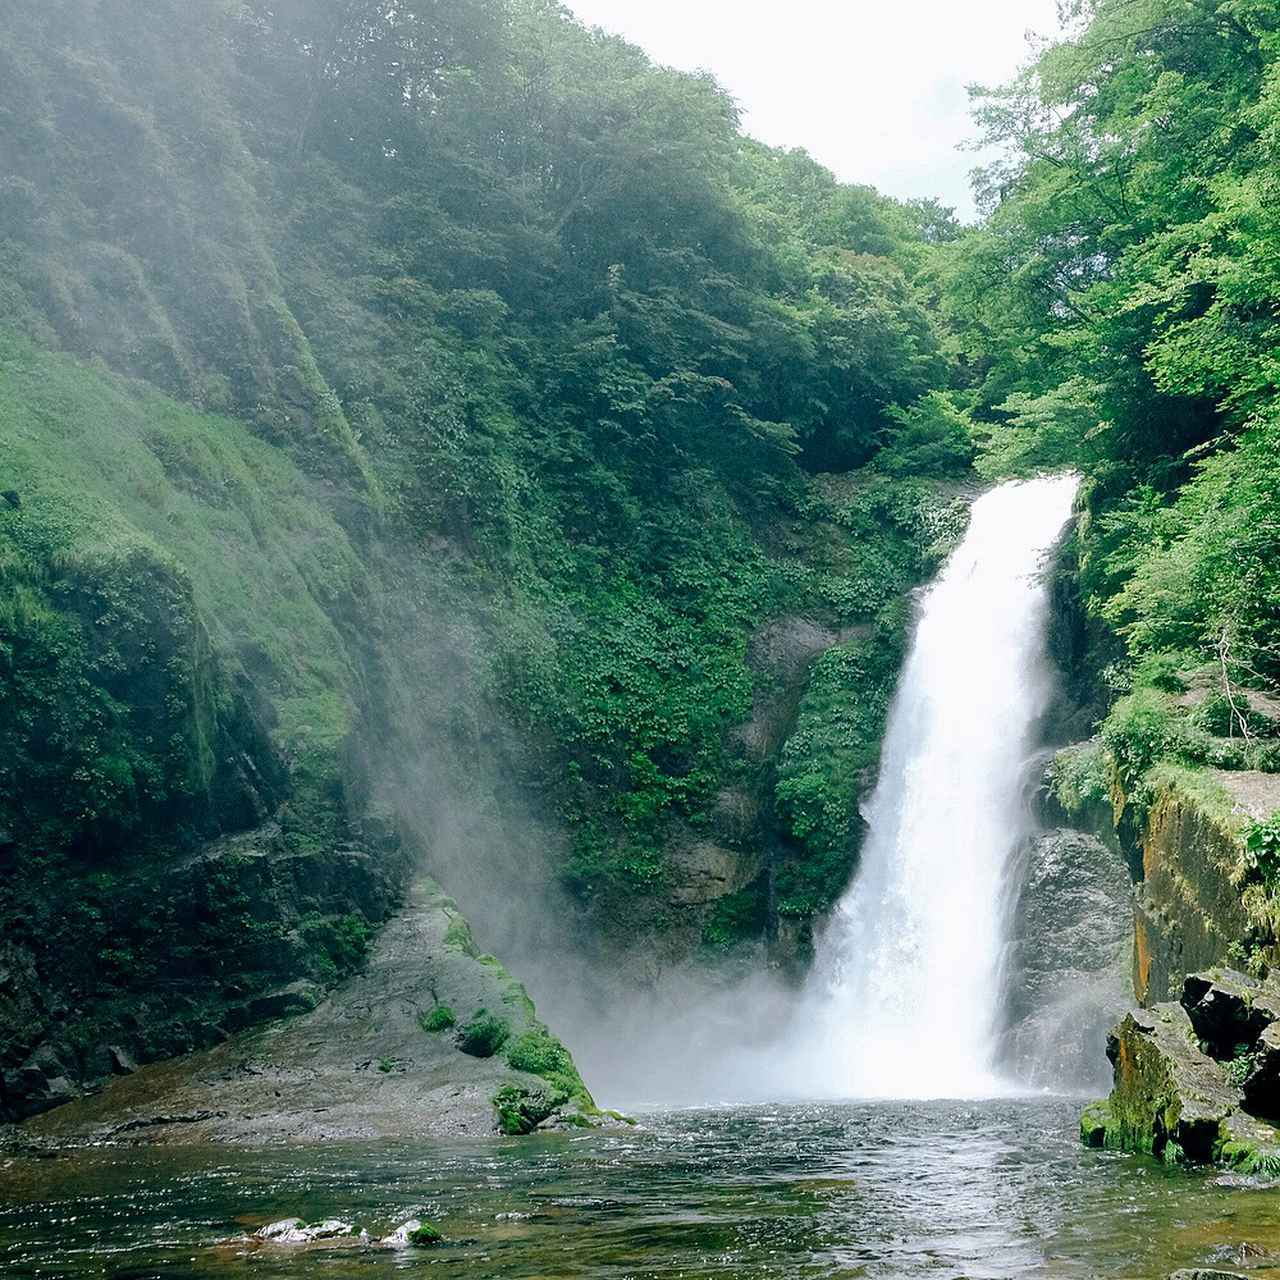 画像: 河原へ降りると、離れていても川面を渡る風に運ばれて水しぶきが飛んできます。「豪快!」という他ないほどの勇壮な姿。これを眼前に見ることが出来る、秋保でも代表的な絶景スポットです。